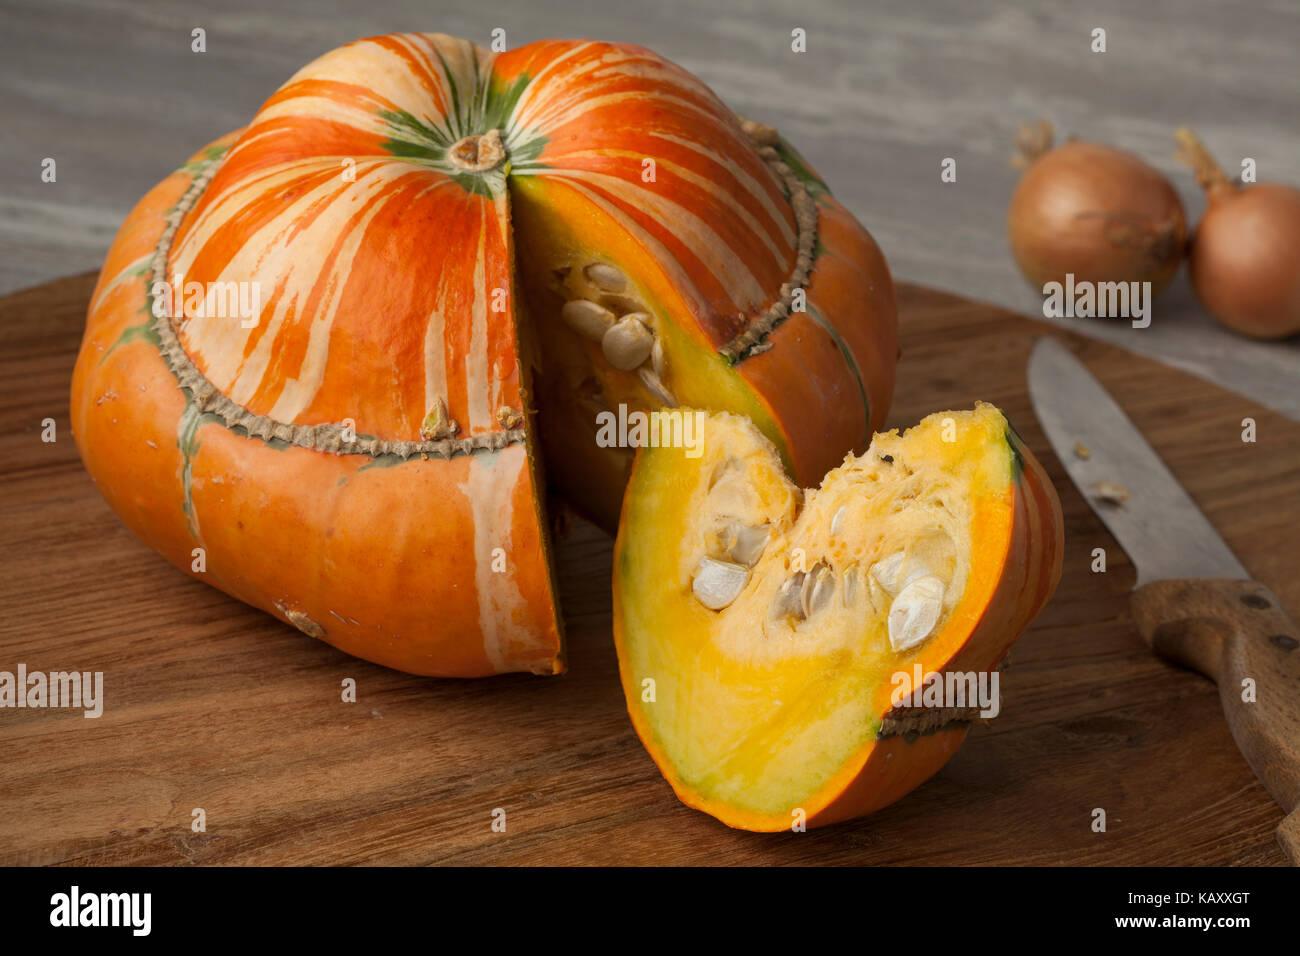 Reliquia fresco turbante Naranja Calabaza y laminar. Imagen De Stock